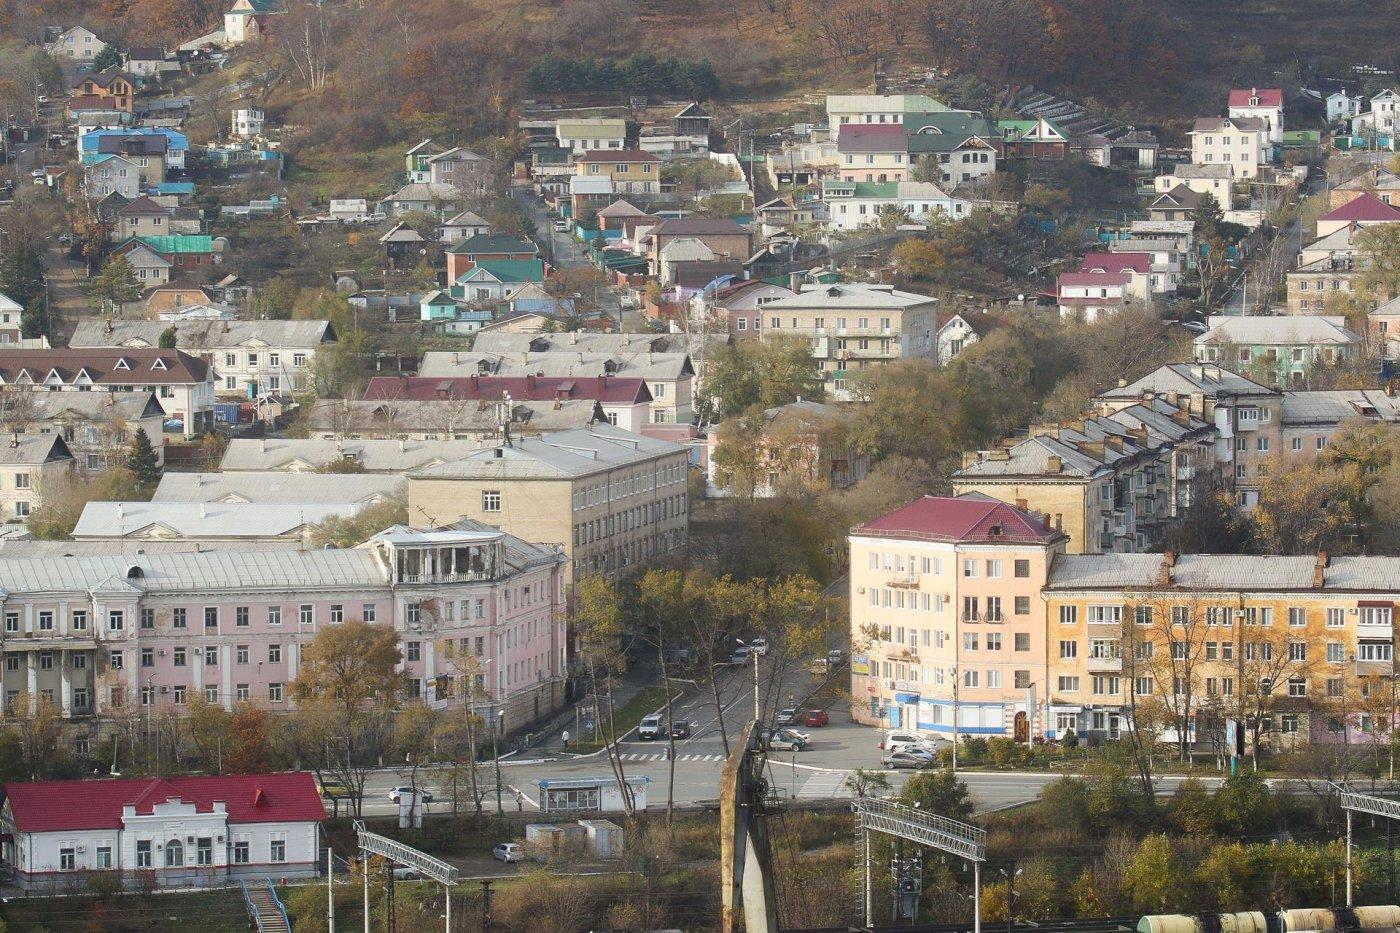 Фото 8707 (Copy).jpg. Россия, Приморский край, город Находка, Unnamed Road